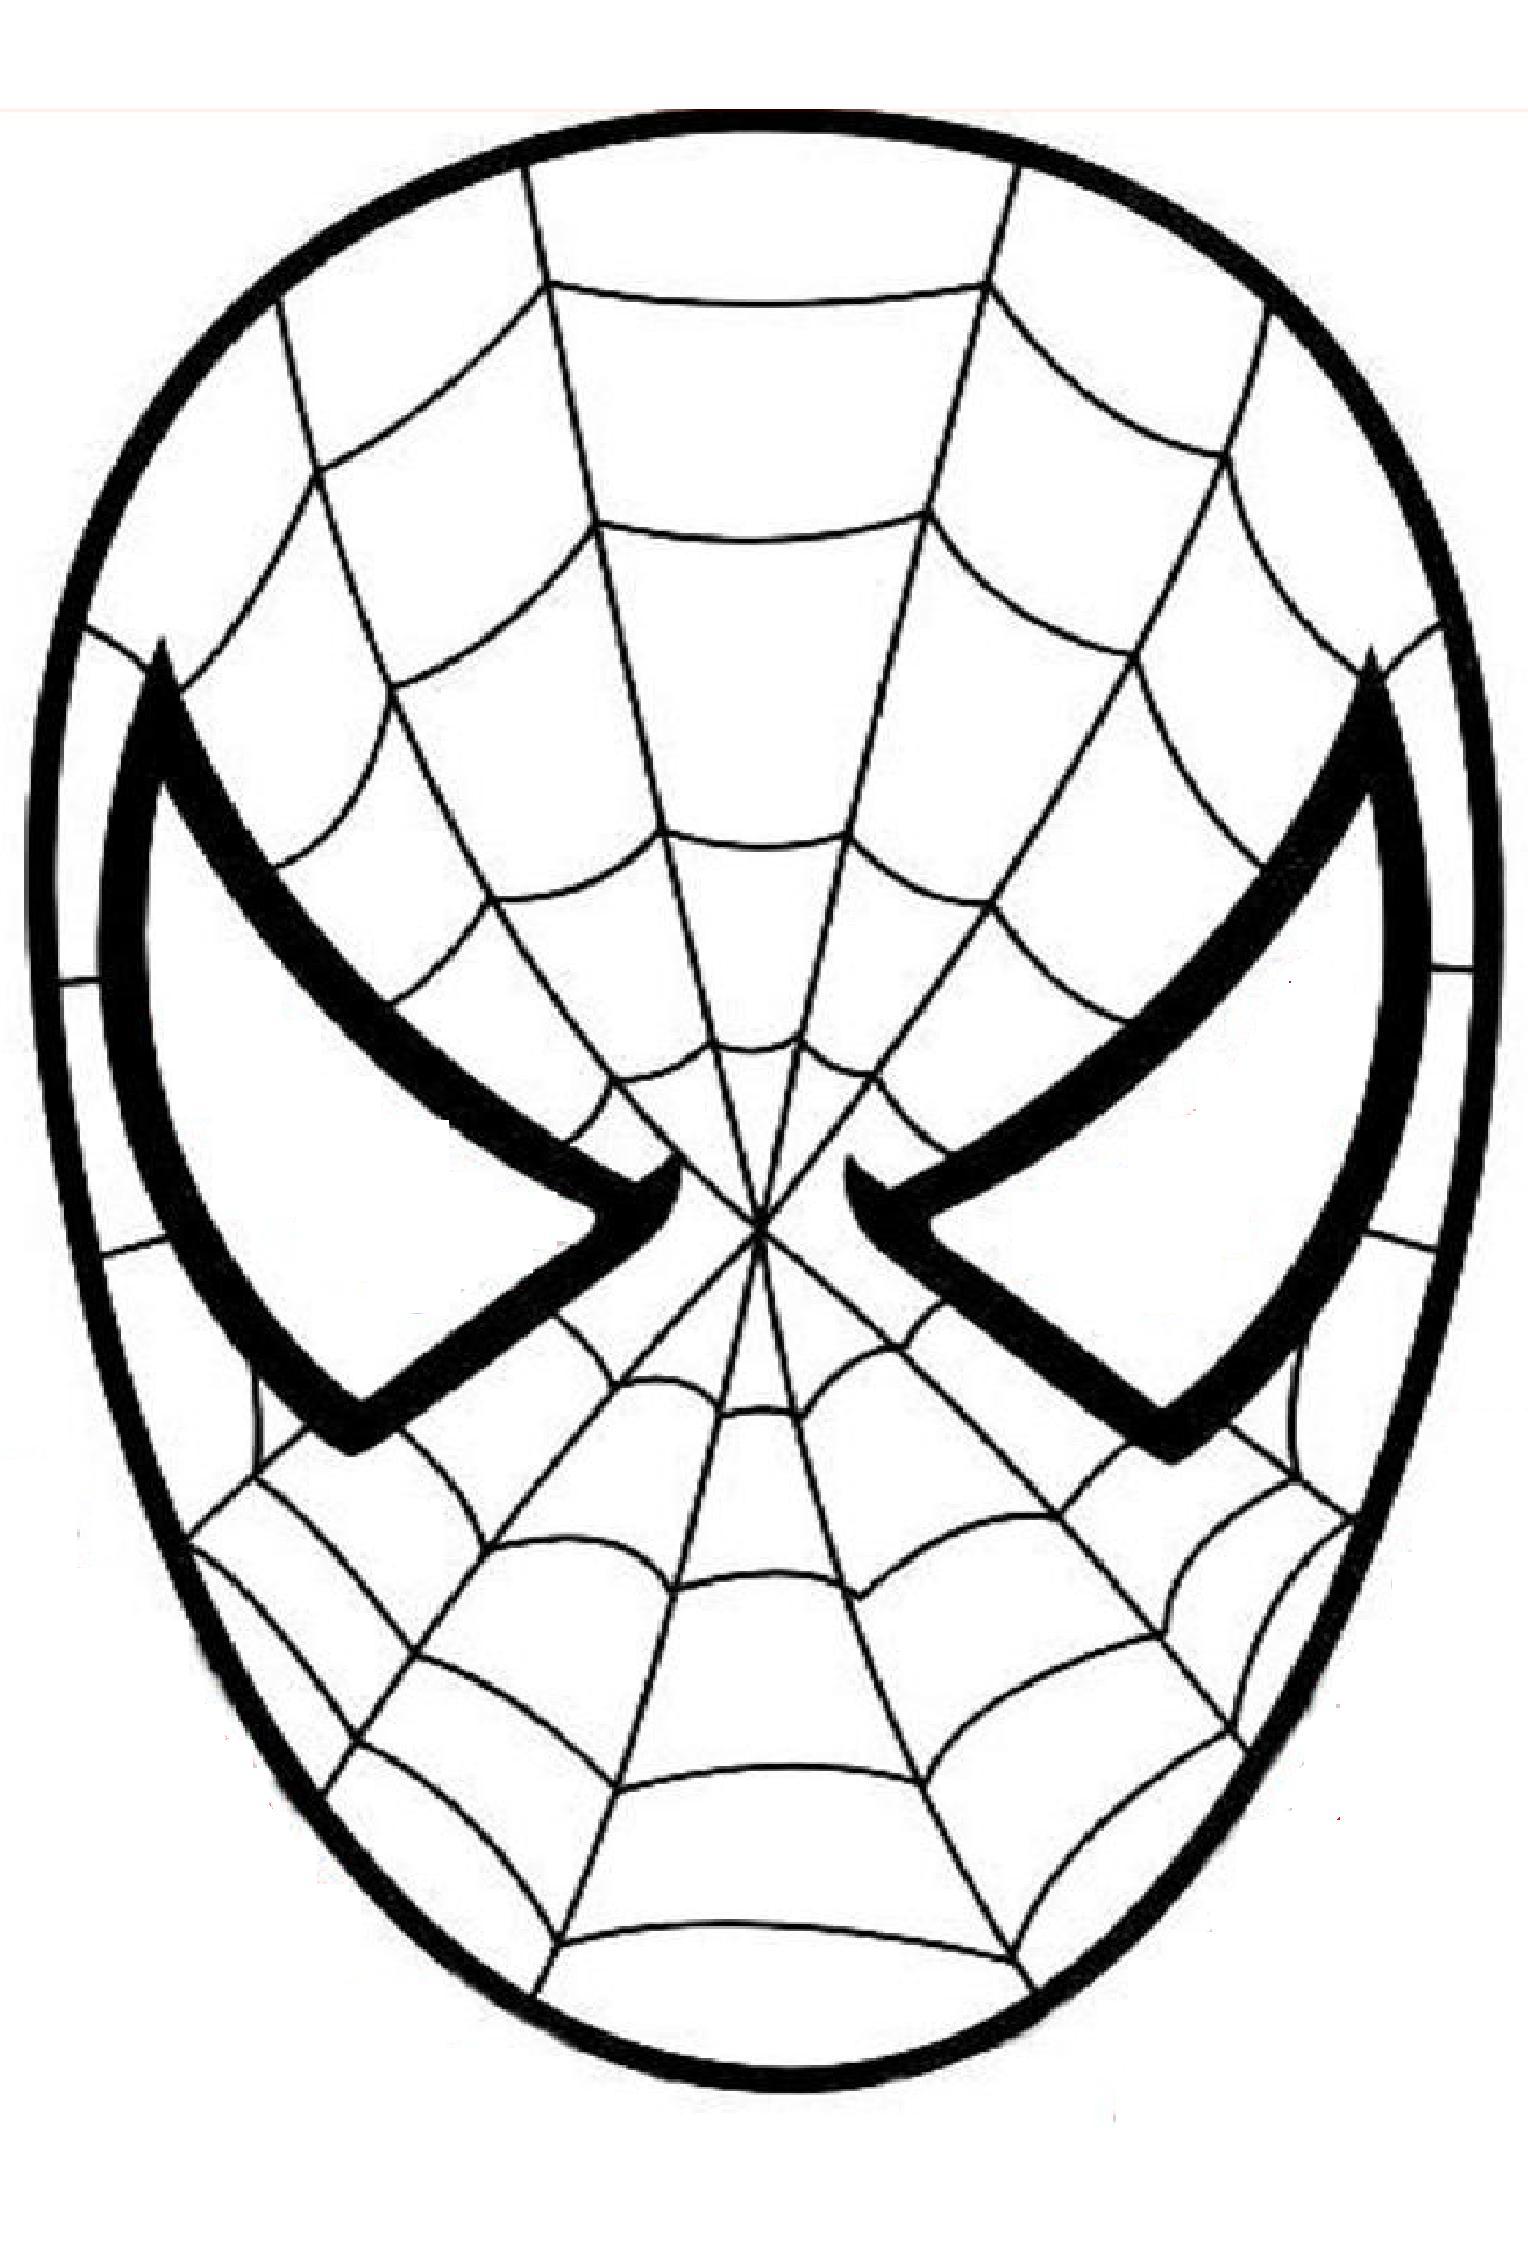 Masque Spiderman A Colorier Découpage A Imprimer à Masque Enfant A Colorier